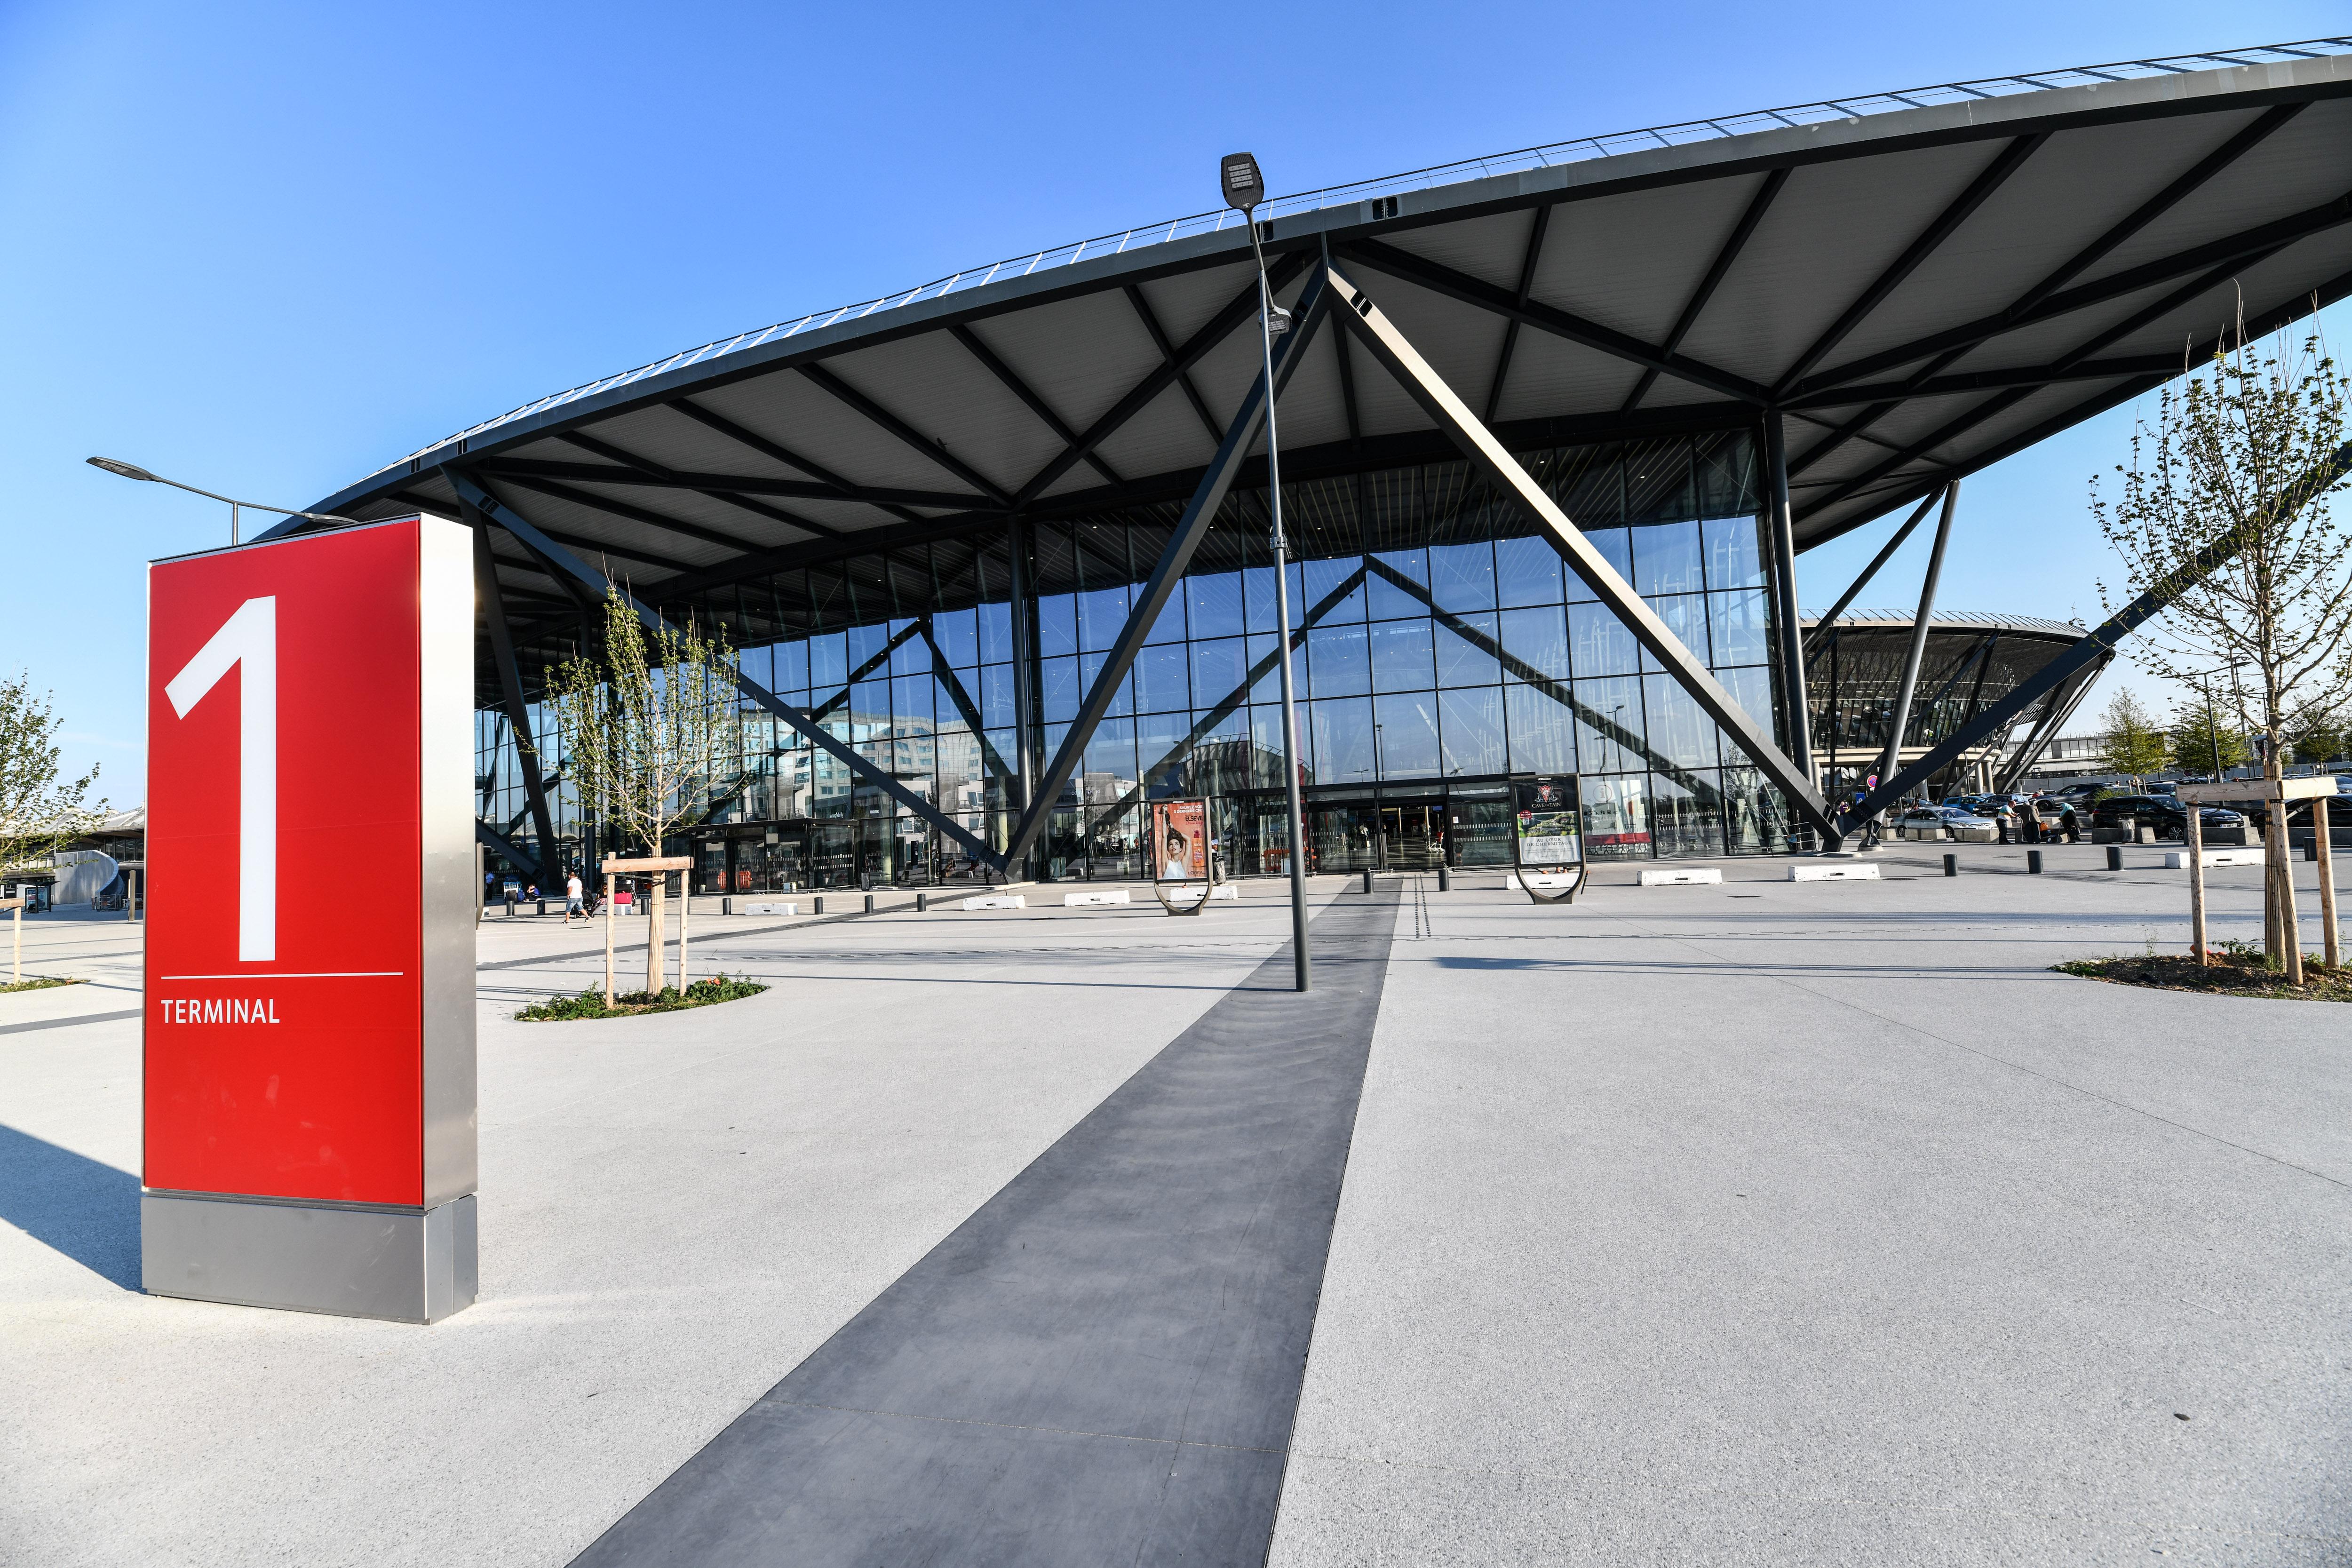 Le nouveau terminal 1 de Saint-Exupéry permet théoriquement à l'aéroport de recevoir 15 millions de passagers annuels ©EricSoudan